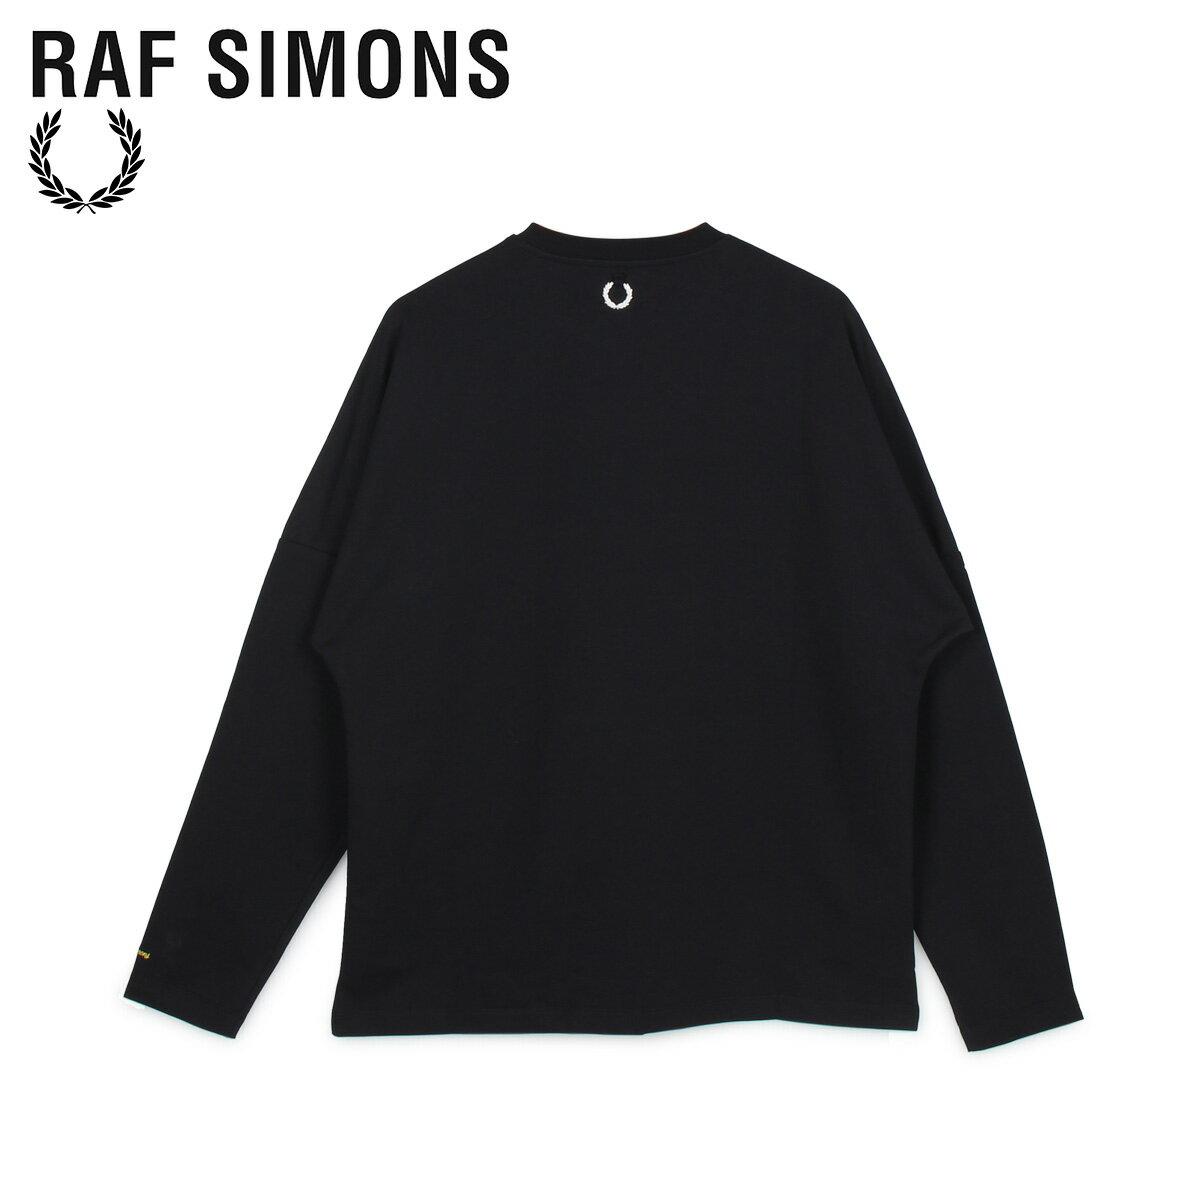 トップス, Tシャツ・カットソー FRED PERRY RAF SIMONS T T LONG SLEEVE T-SHIRT SM8136